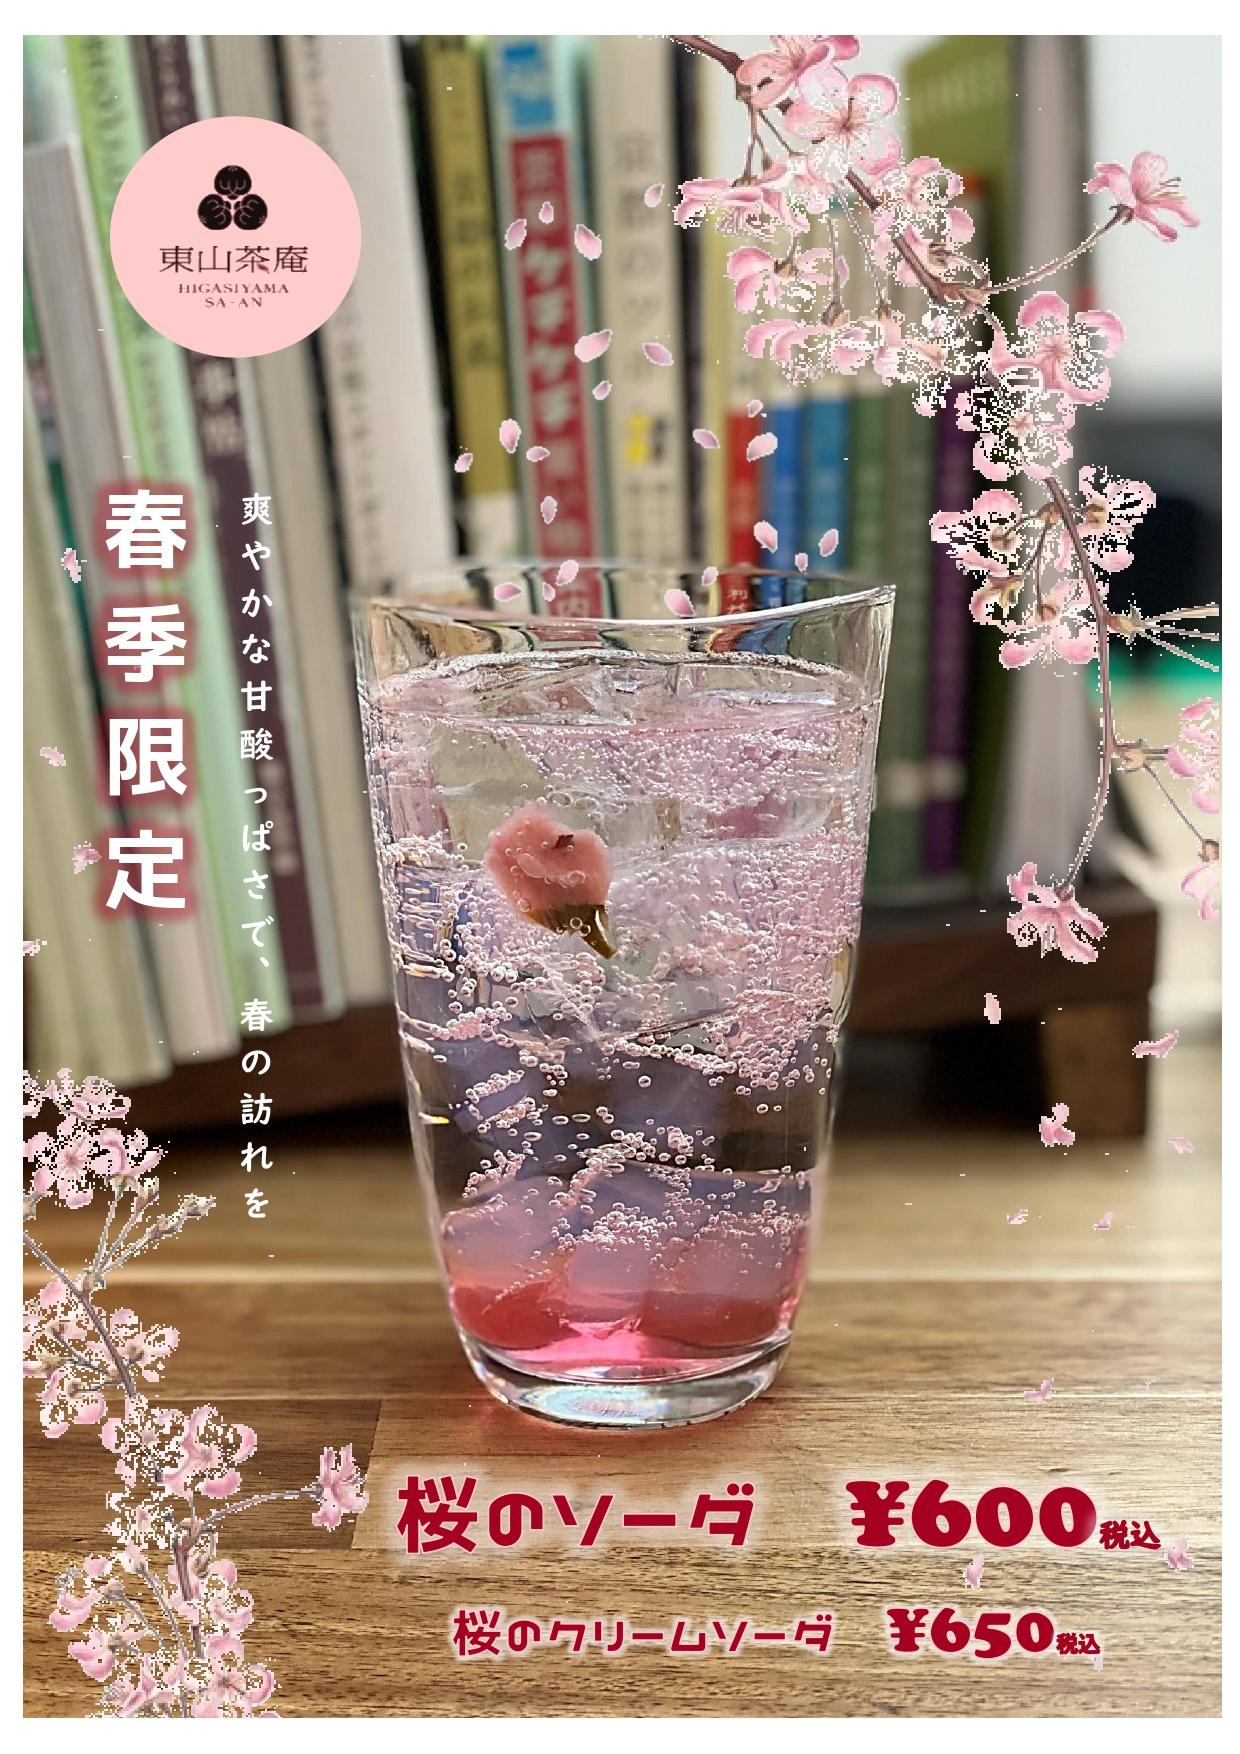 東山茶庵 春の新メニュー